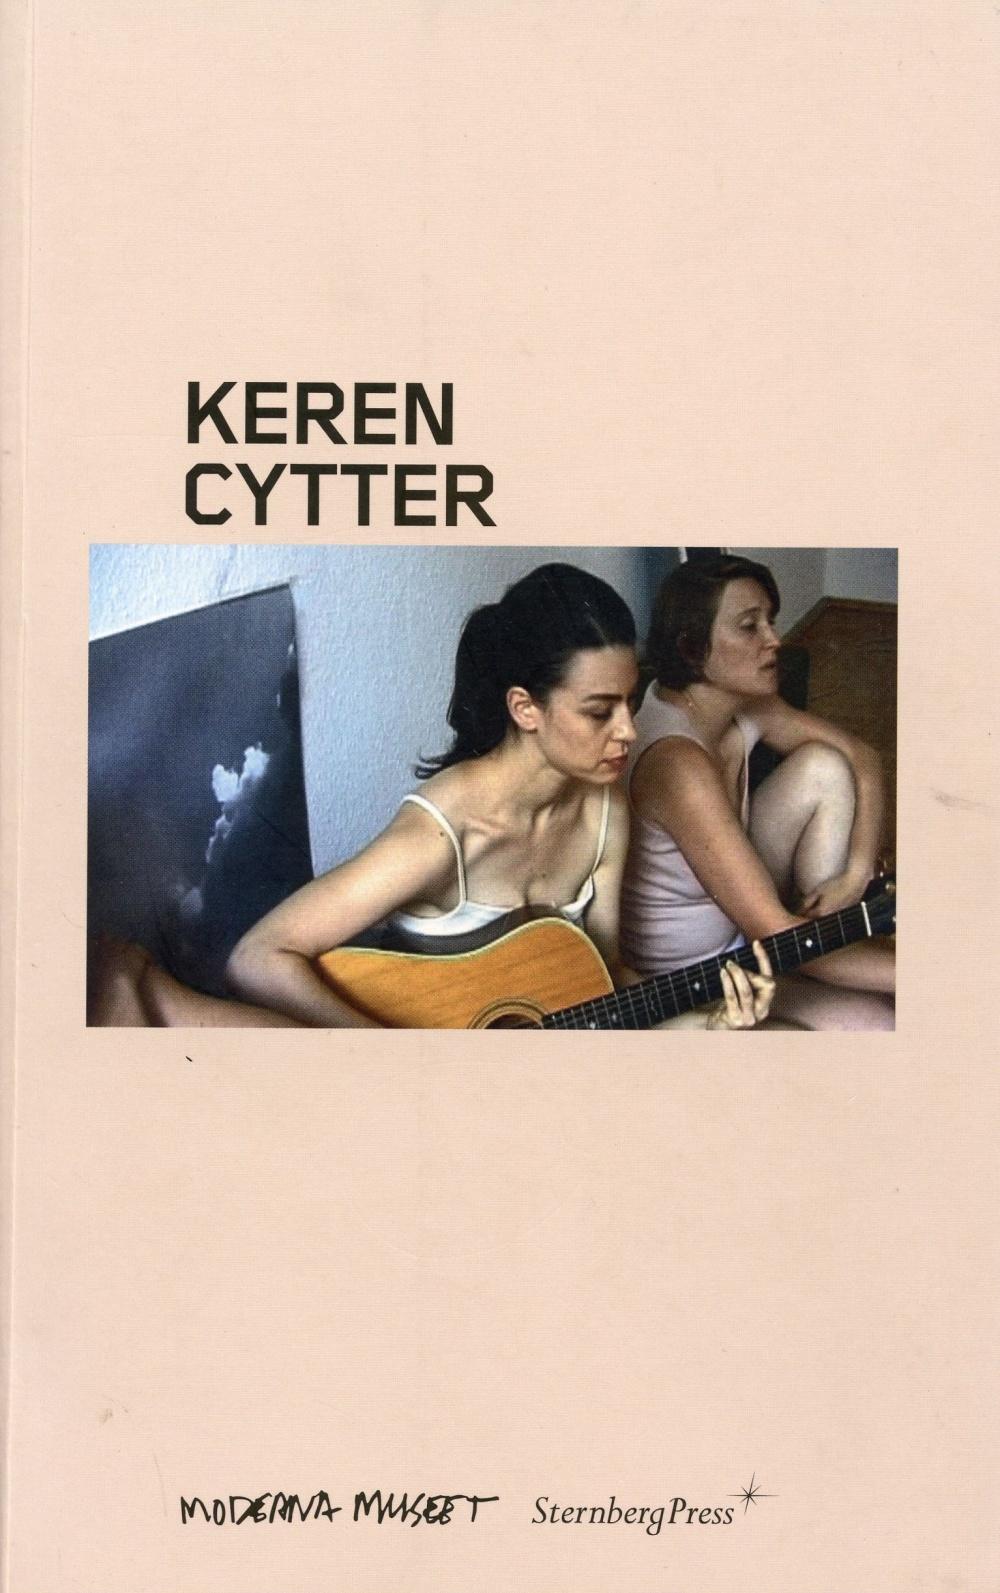 Keren Cytter